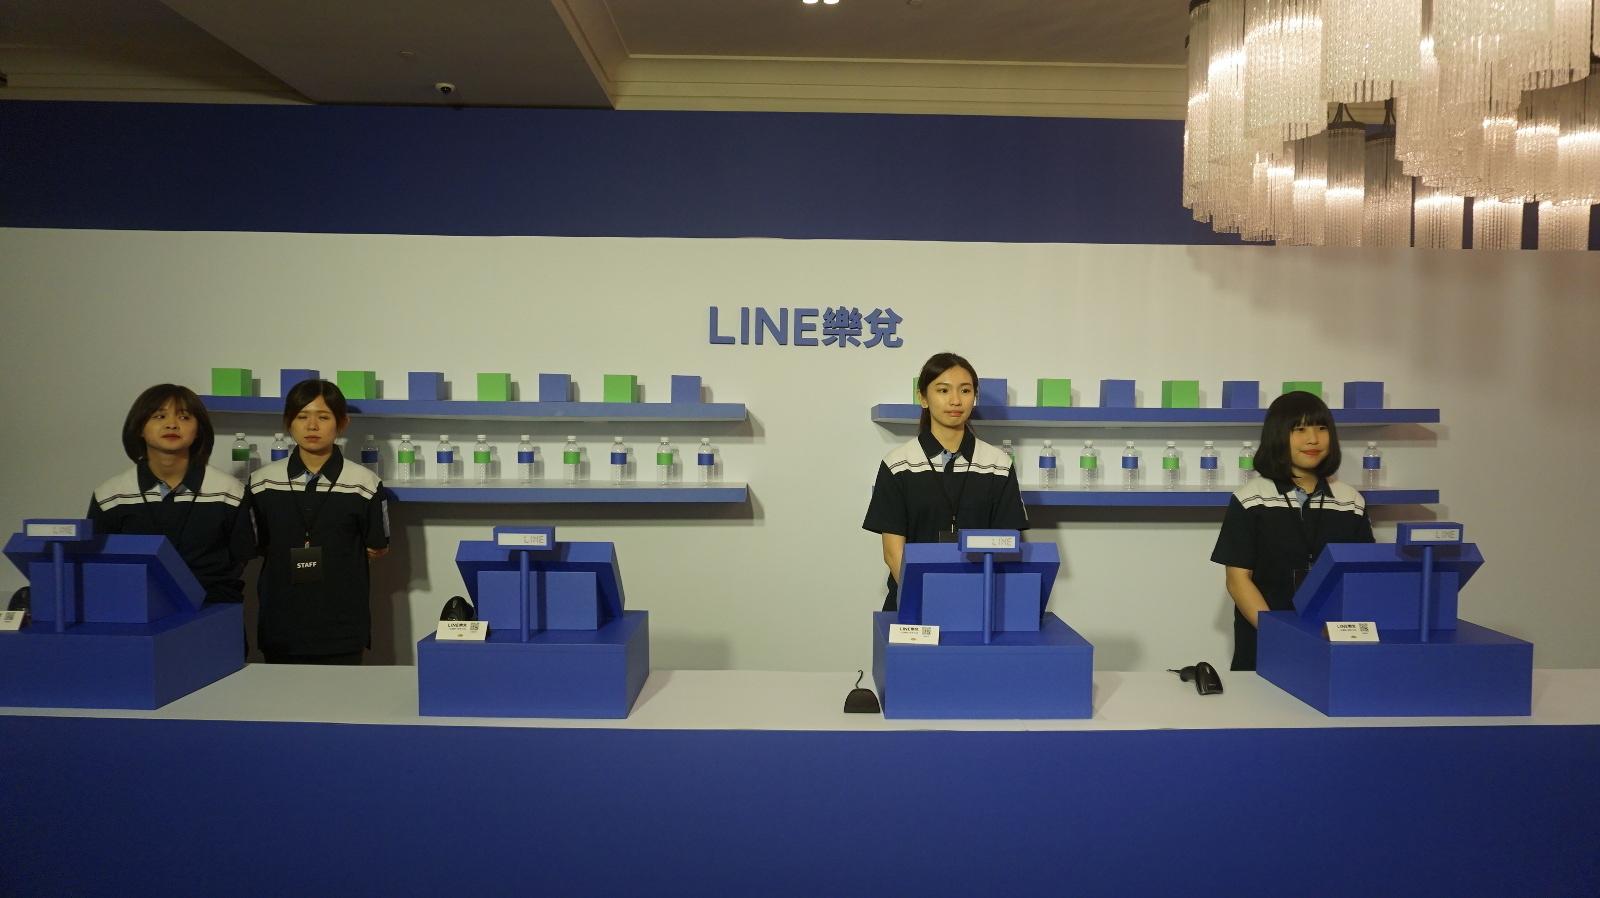 以人為出發,看「LINE官方帳號2.0」的行銷發展